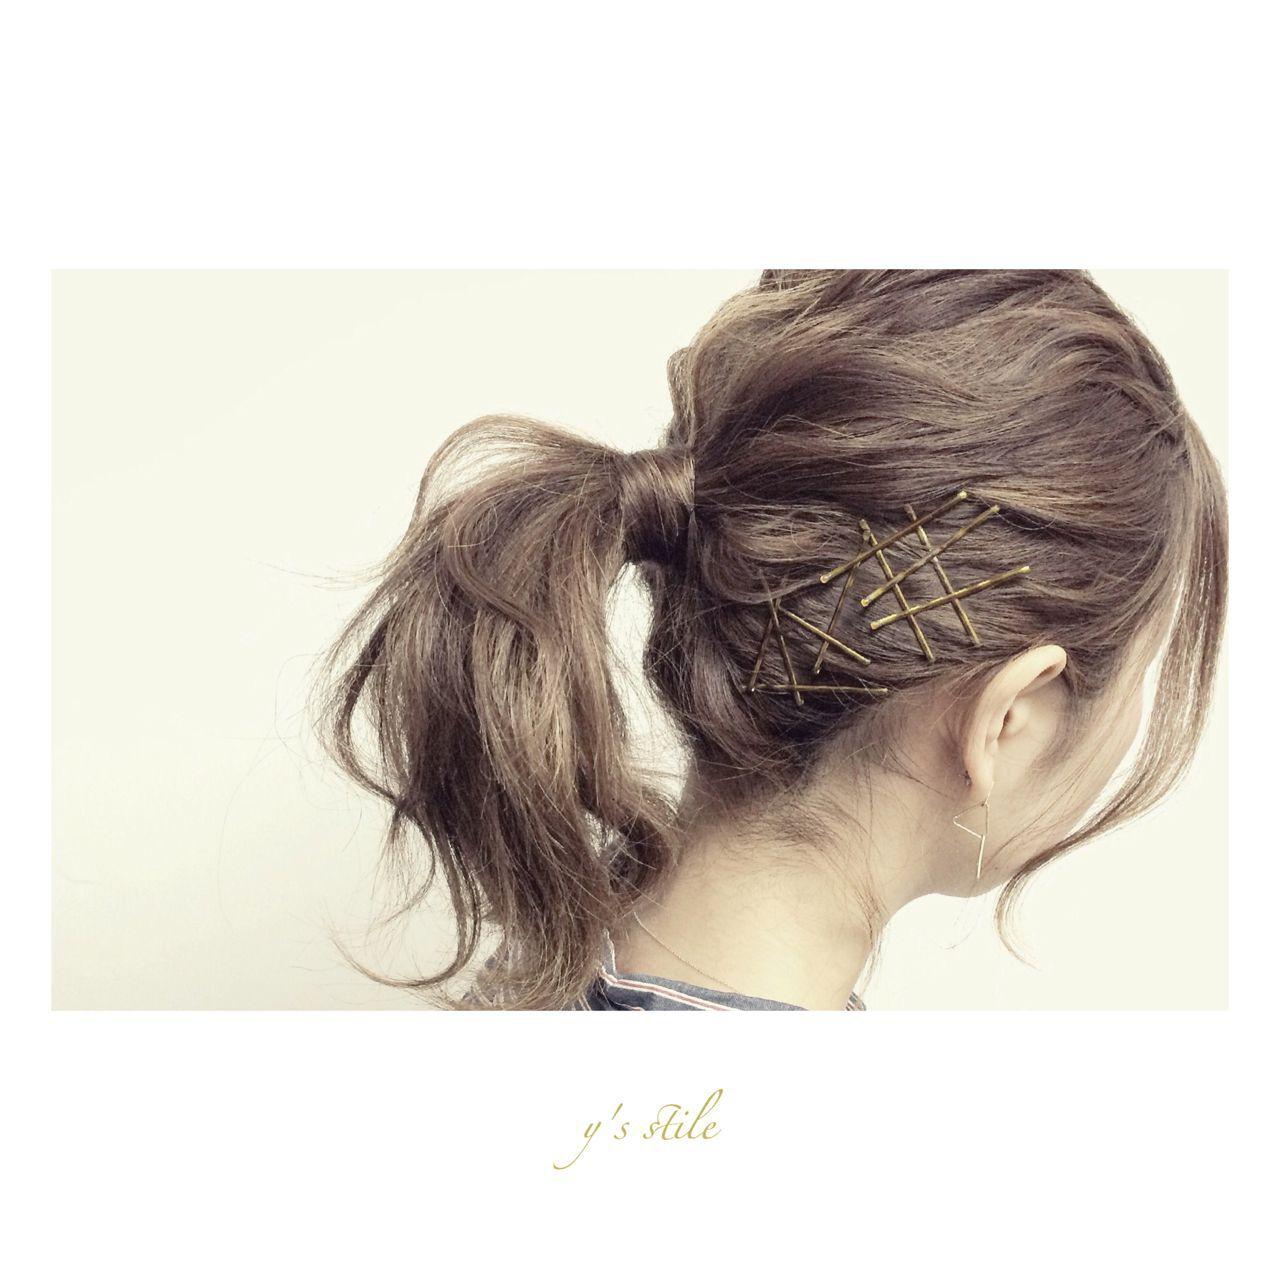 ナチュラル 春 アップスタイル ヘアアレンジヘアスタイルや髪型の写真・画像